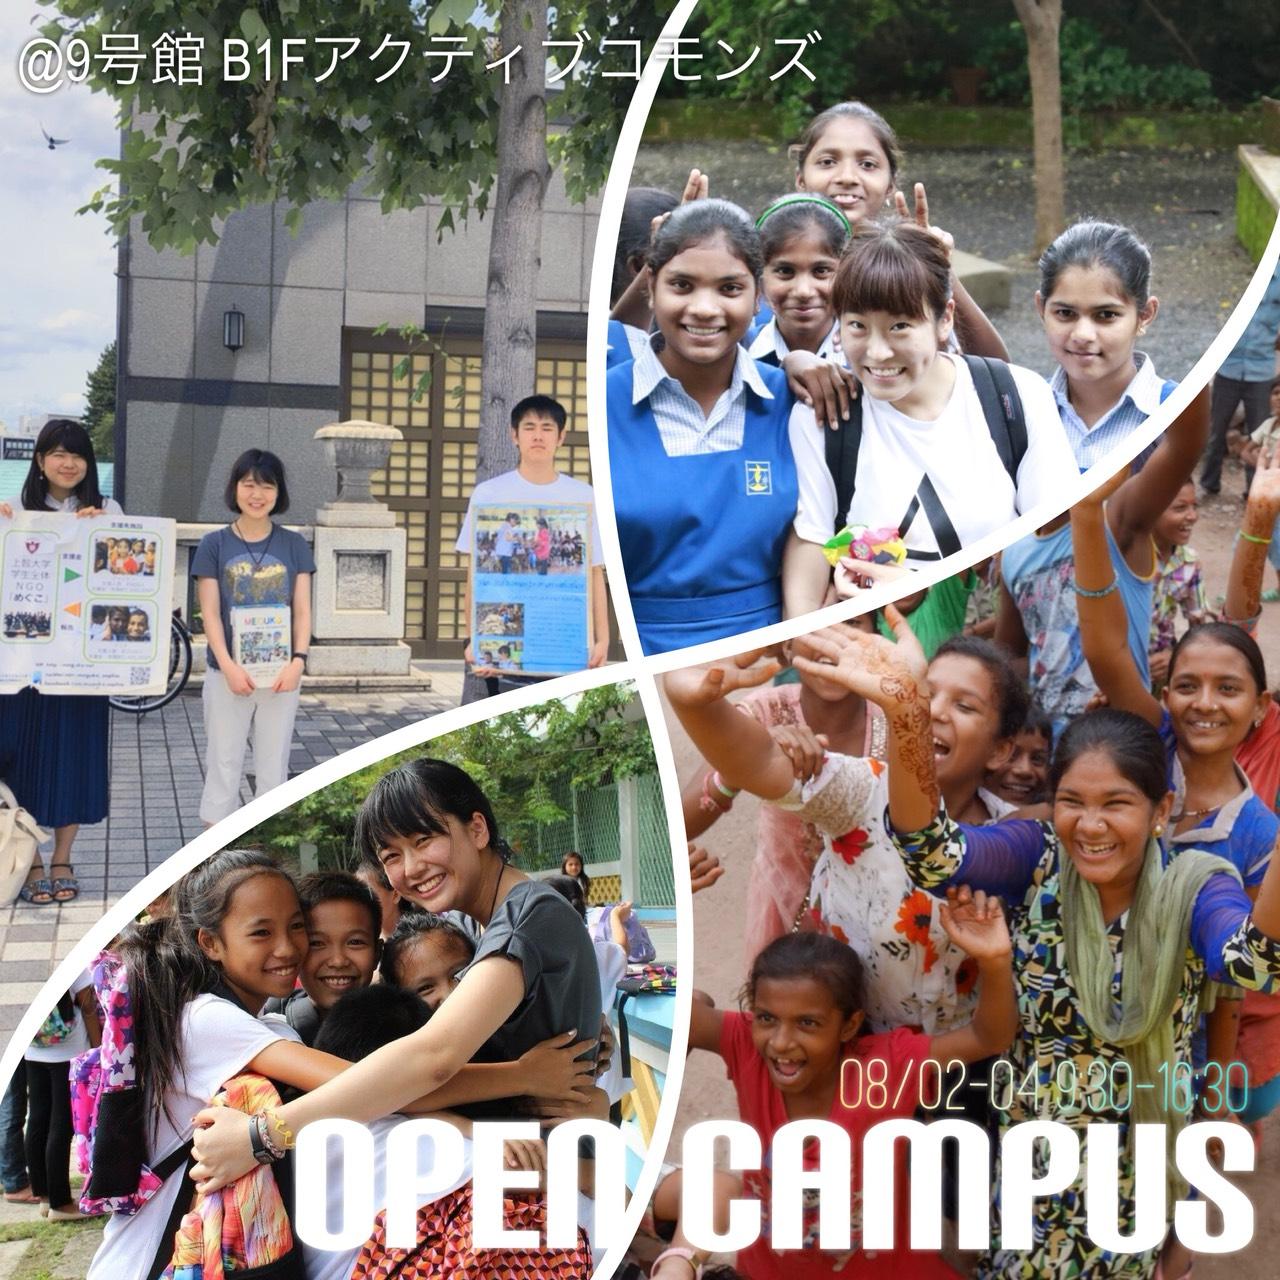 オープンキャンパスのお知らせ